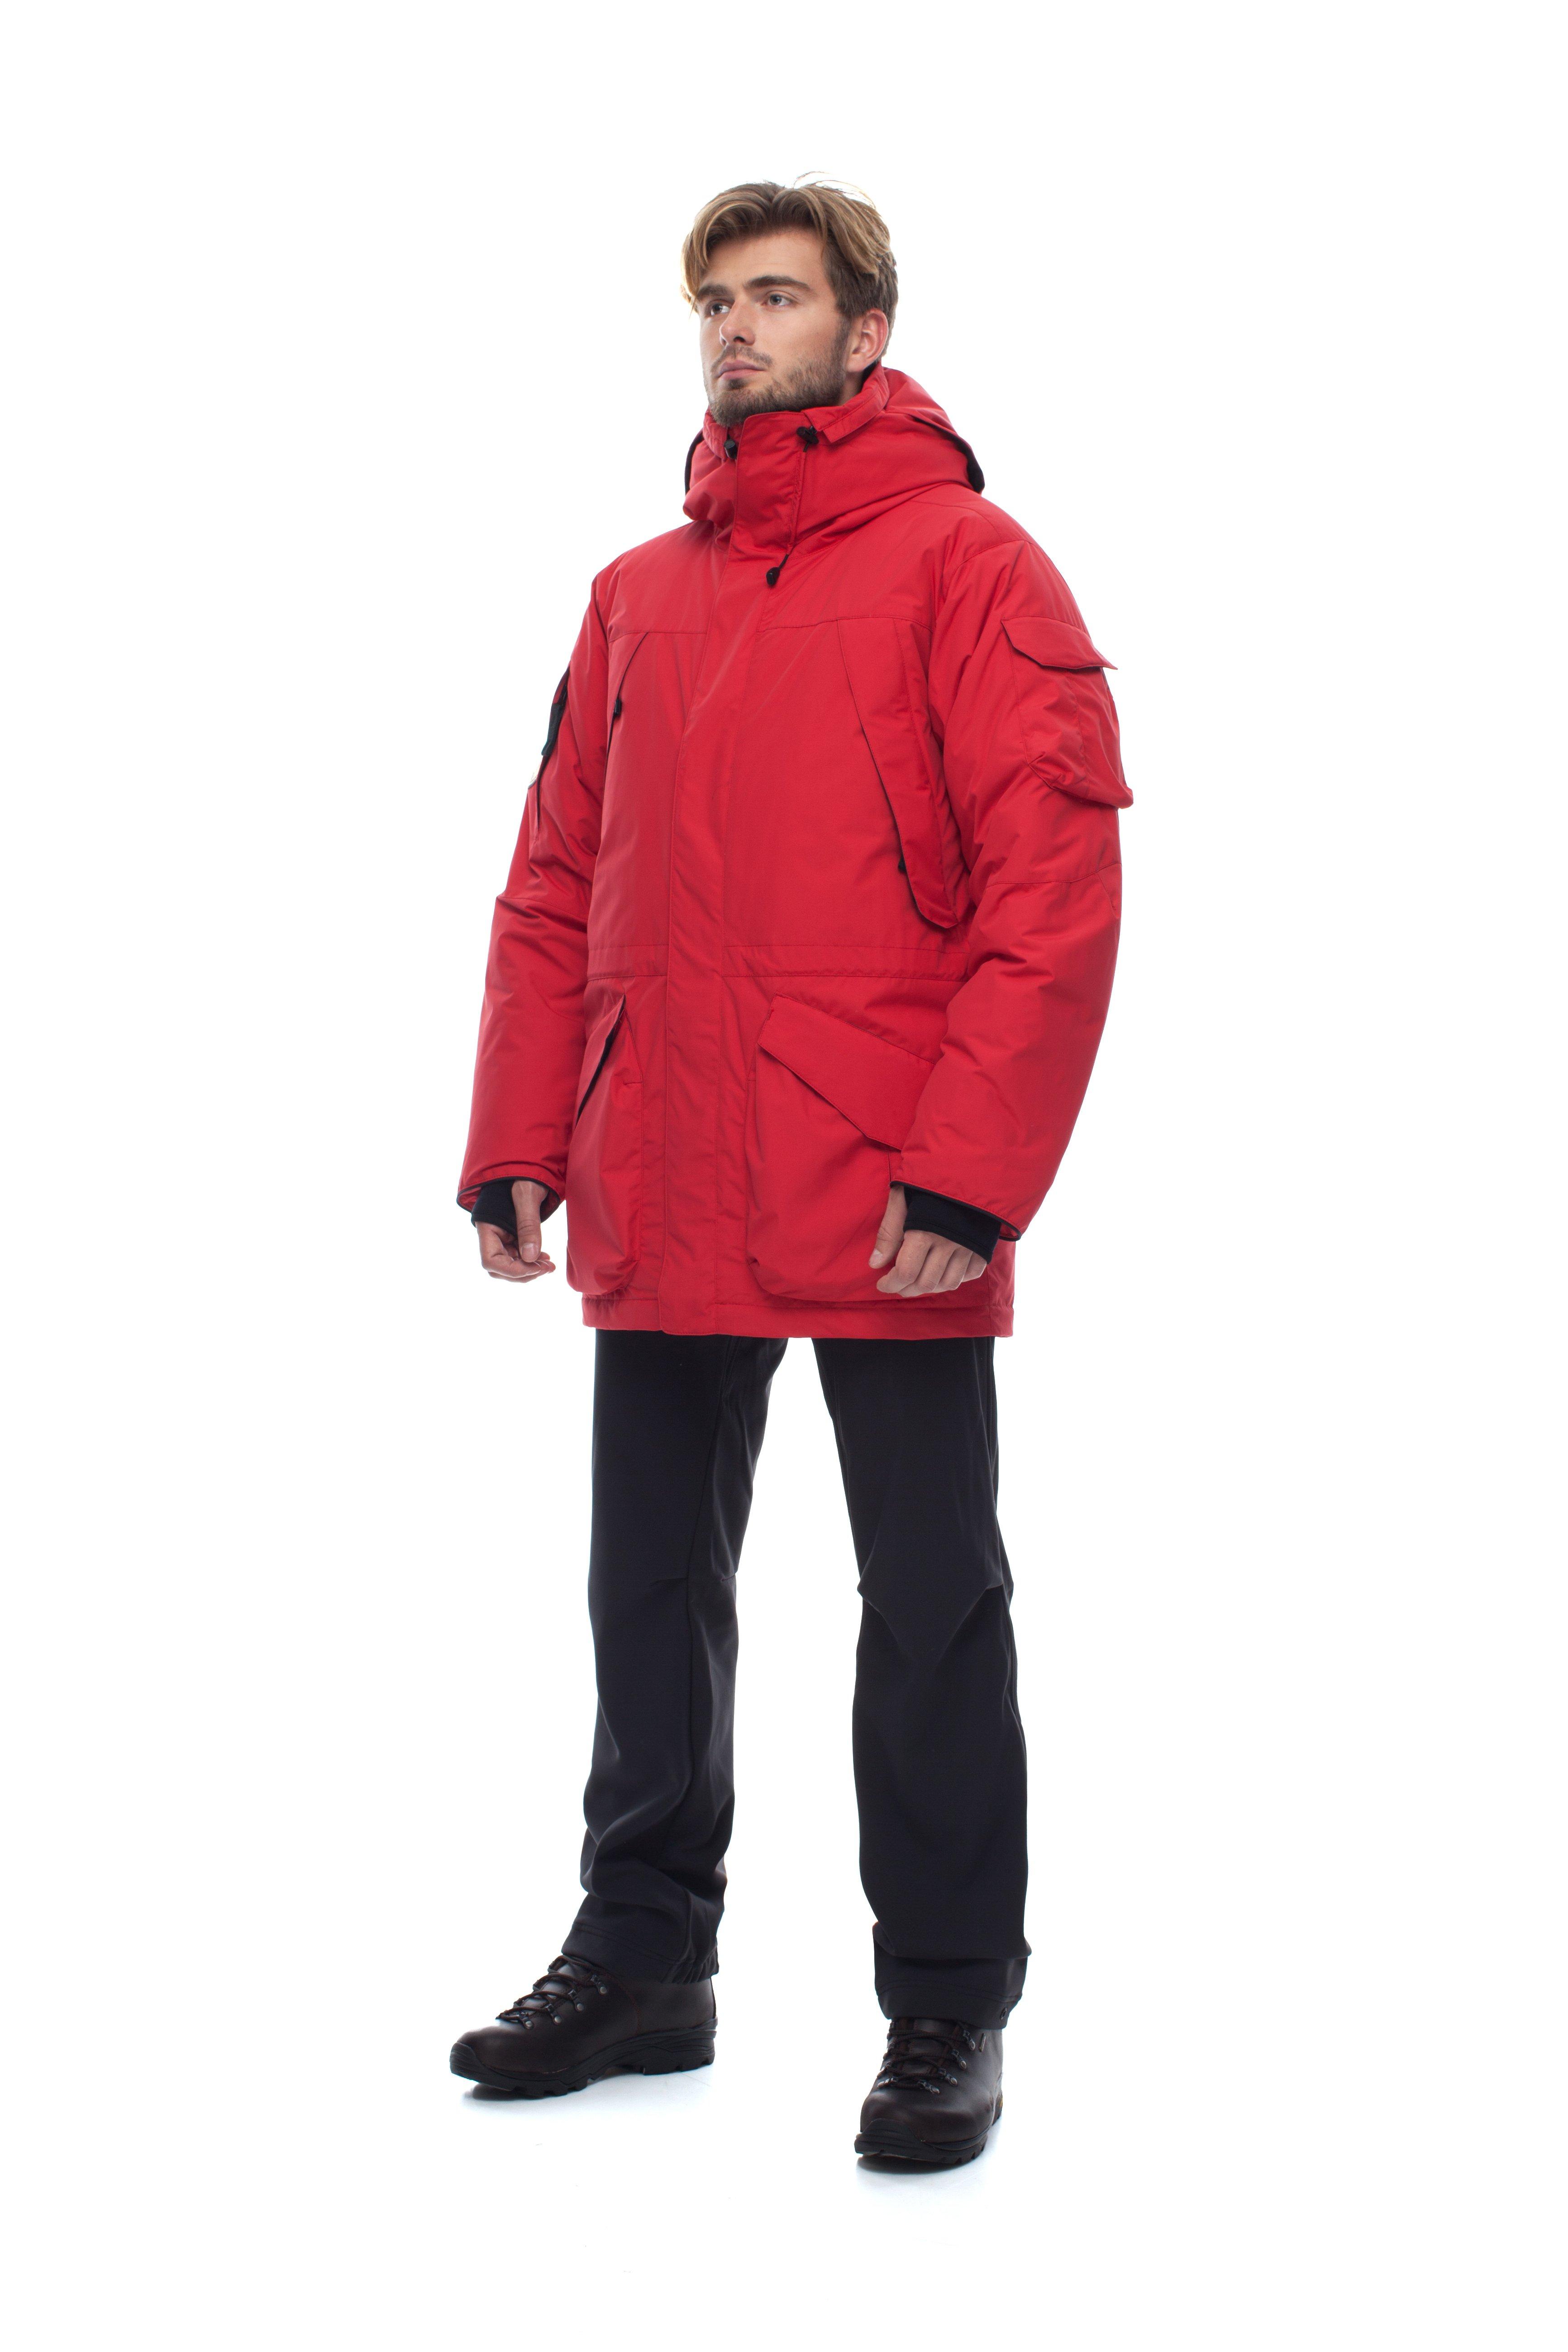 Пуховая куртка BASK ALASKA V2 5192aТёплая, но легкая зимняя пуховая куртка-аляска для суровой зимы.<br><br>Верхняя ткань: Nylon Supplex<br>Вес граммы: 1960<br>Вес утеплителя: 470<br>Ветро-влагозащитные свойства верхней ткани: Нет<br>Ветрозащитная планка: Да<br>Ветрозащитная юбка: Да<br>Влагозащитные молнии: Нет<br>Внутренние манжеты: Да<br>Внутренняя ткань: Advance® Classic<br>Водонепроницаемость: 3000<br>Дублирующий центральную молнию клапан: Да<br>Защитный козырёк капюшона: Нет<br>Капюшон: несъемный<br>Карман для средств связи: Нет<br>Количество внешних карманов: 6<br>Количество внутренних карманов: 4<br>Мембрана: Nylon Supplex®<br>Объемный крой локтевой зоны: Да<br>Отстёгивающиеся рукава: Нет<br>Паропроницаемость: 3000<br>Показатель Fill Power (для пуховых изделий): 670<br>Пол: Муж.<br>Проклейка швов: Нет<br>Регулировка манжетов рукавов: Нет<br>Регулировка низа: Да<br>Регулировка объёма капюшона: Да<br>Регулировка талии: Да<br>Регулируемые вентиляционные отверстия: Нет<br>Световозвращающая лента: Нет<br>Температурный режим: -30<br>Технология Thermal Welding: Нет<br>Технология швов: простые<br>Тип молнии: двухзамковая<br>Тип утеплителя: натуральный<br>Ткань усиления: нет<br>Усиление контактных зон: Нет<br>Утеплитель: гусиный пух<br>Размер RU: 50<br>Цвет: КОРИЧНЕВЫЙ